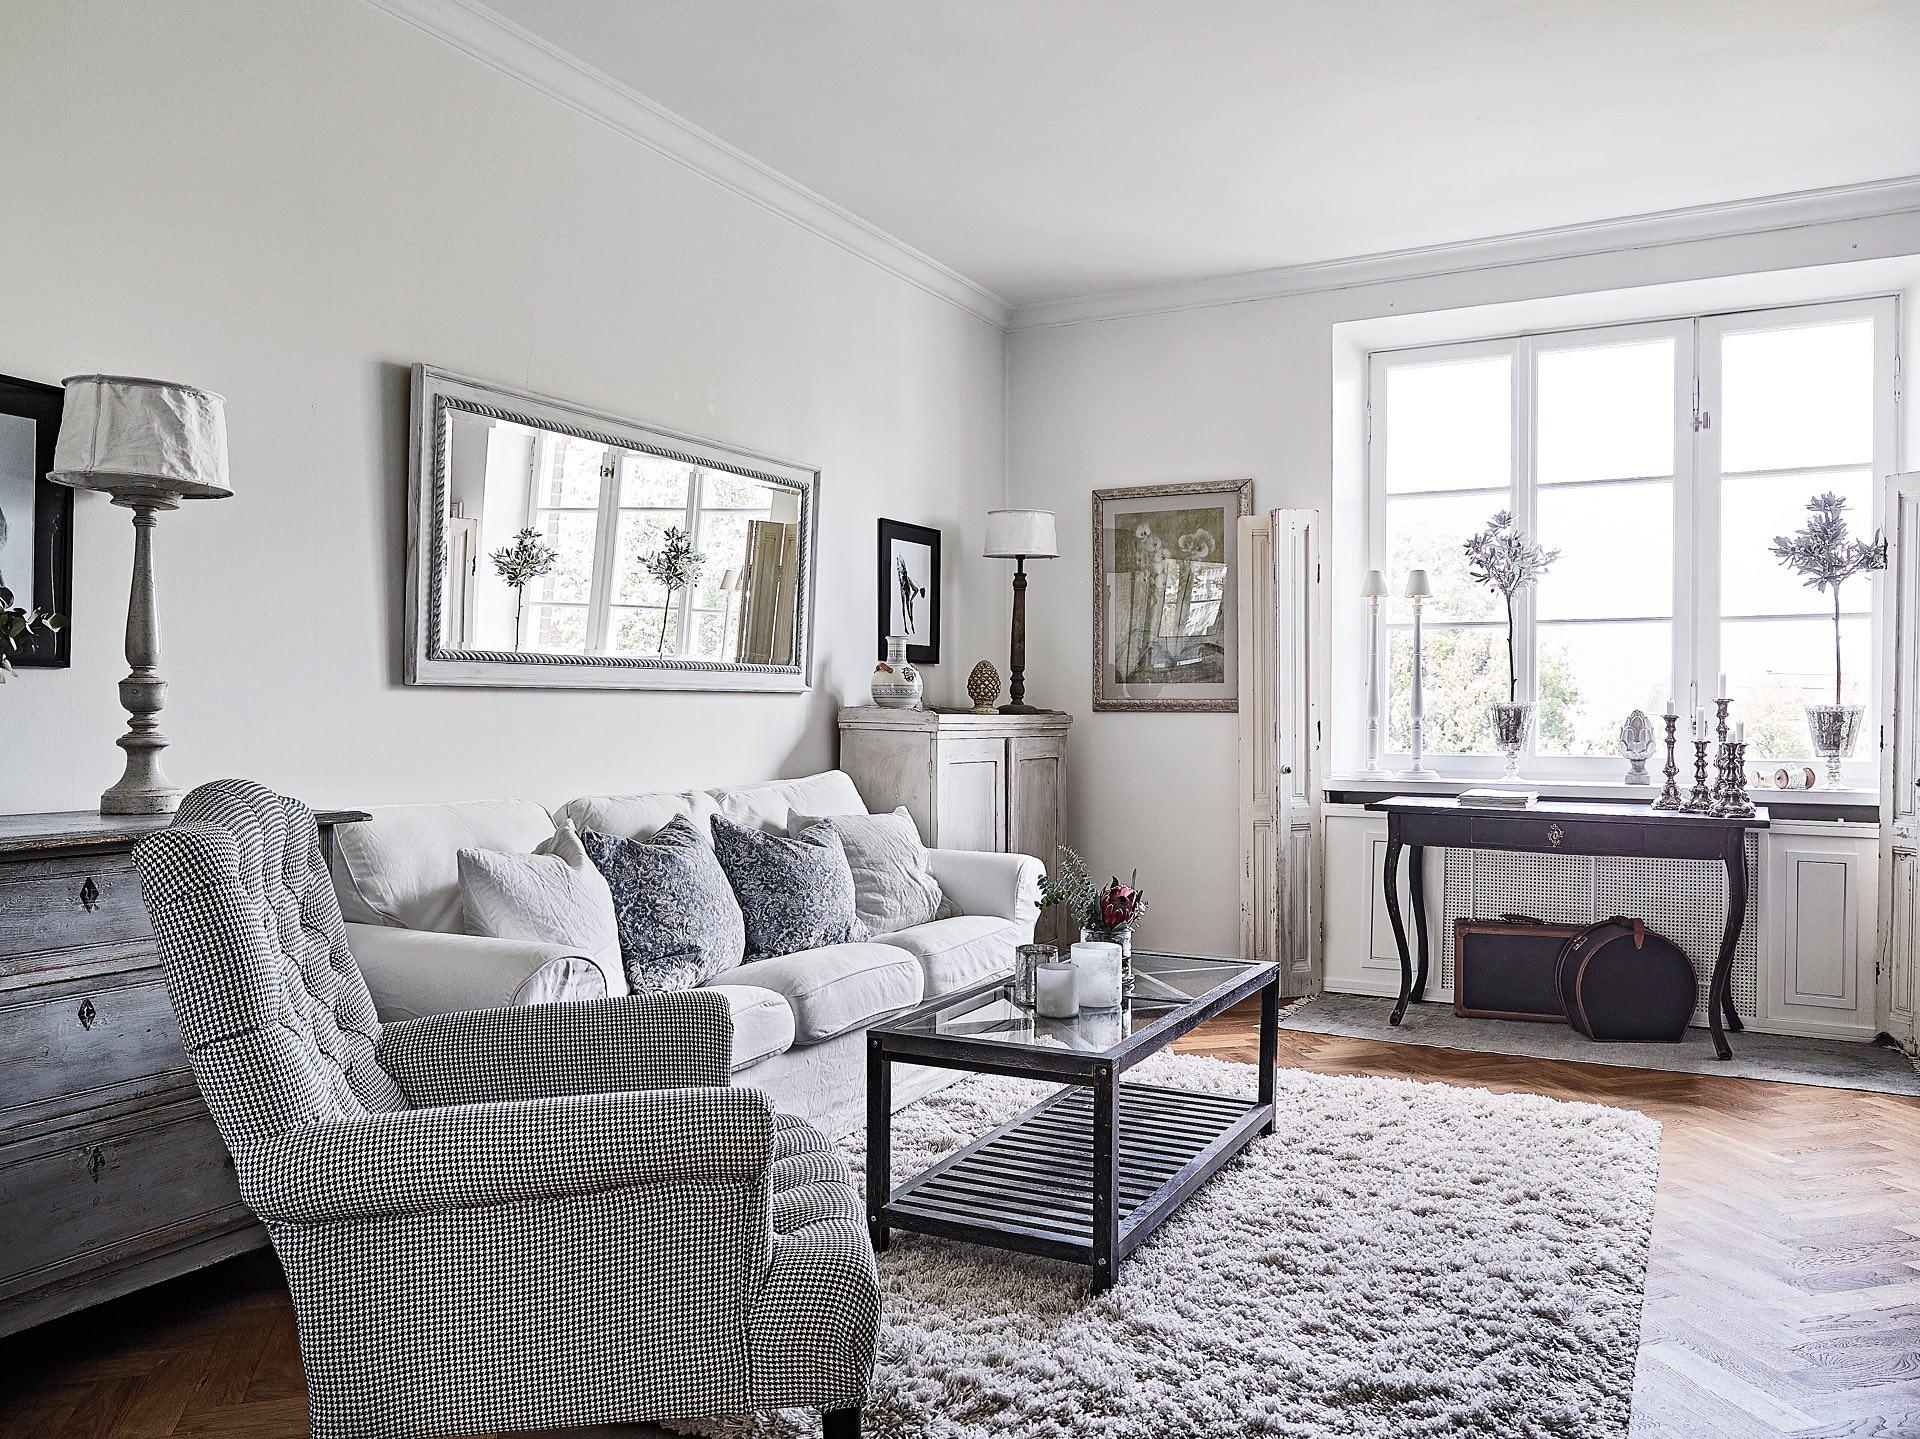 гостиная диван подушки столик ковер окно консоль